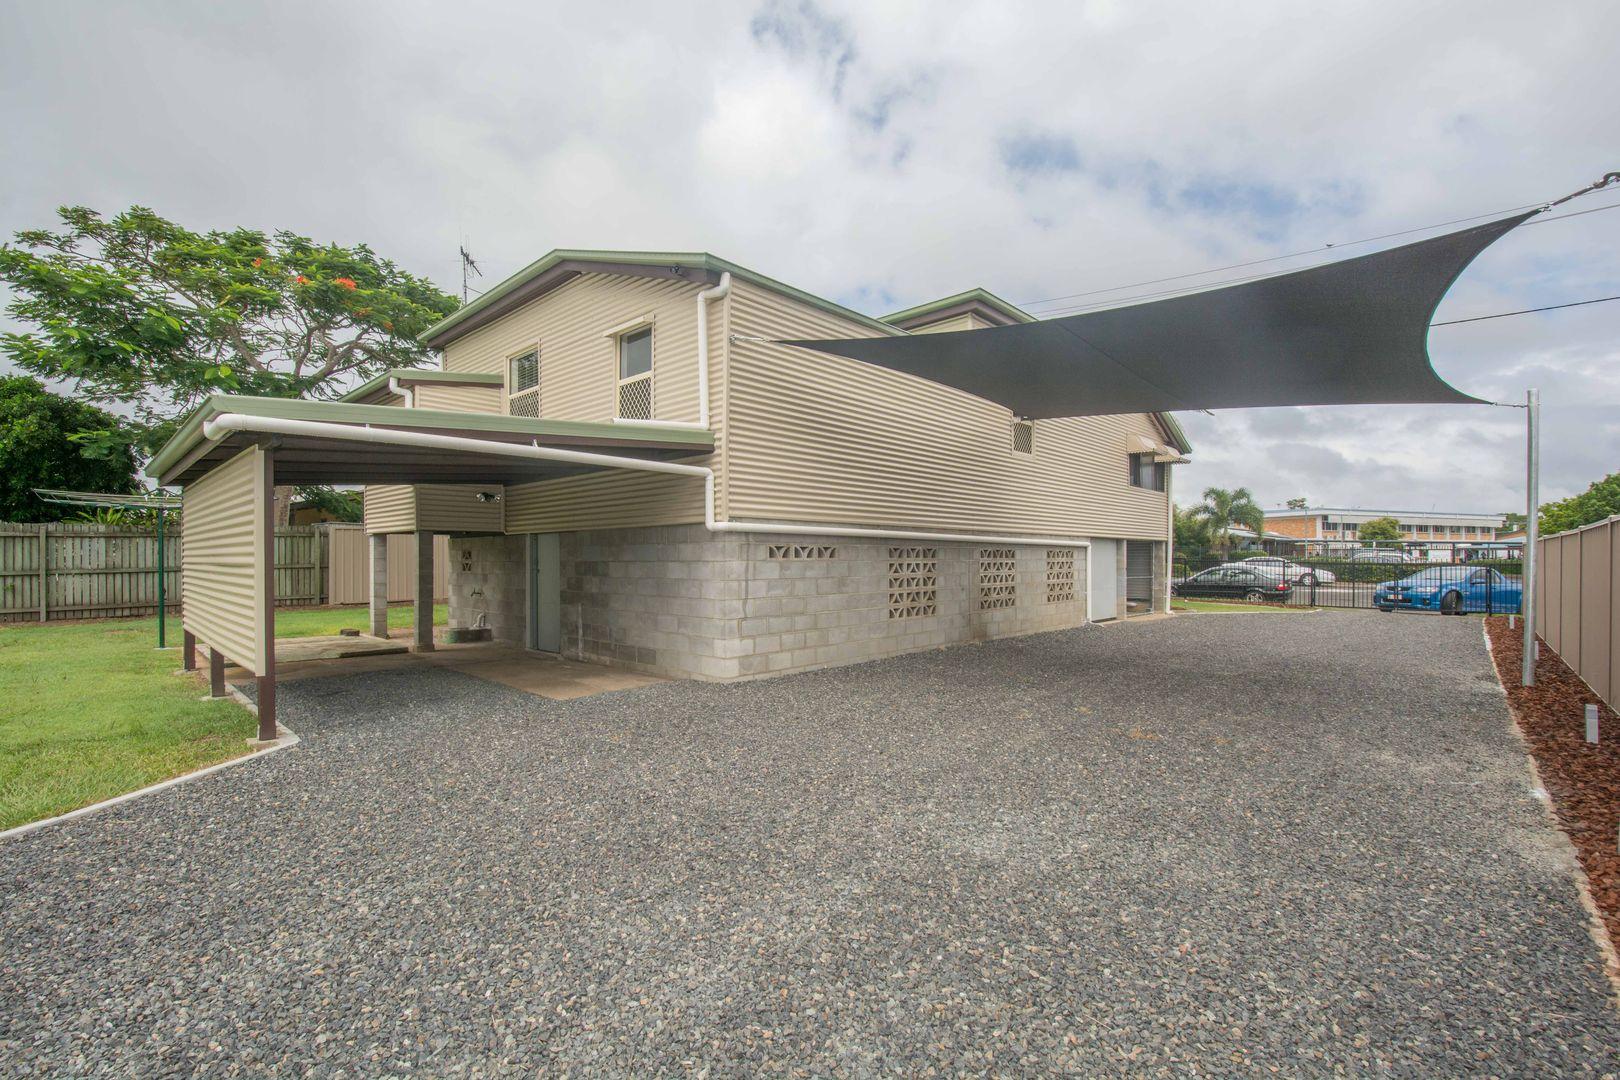 64 Maryborough Street, Bundaberg South QLD 4670, Image 1